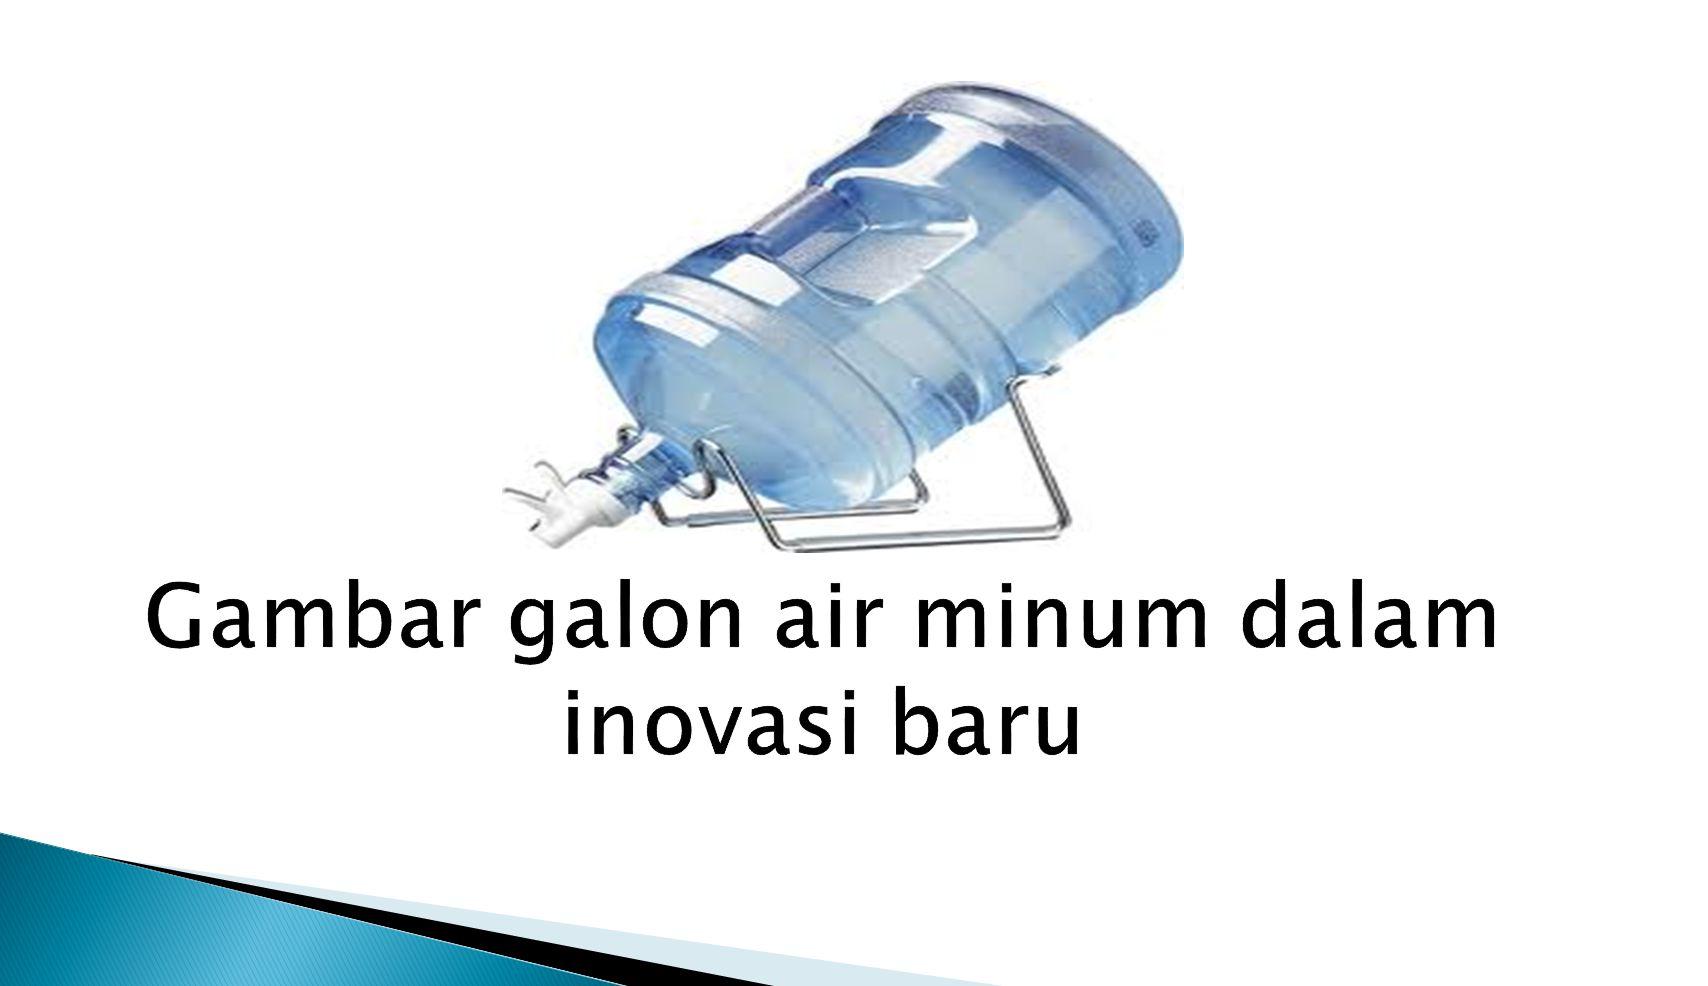 Gambar galon air minum dalam inovasi baru